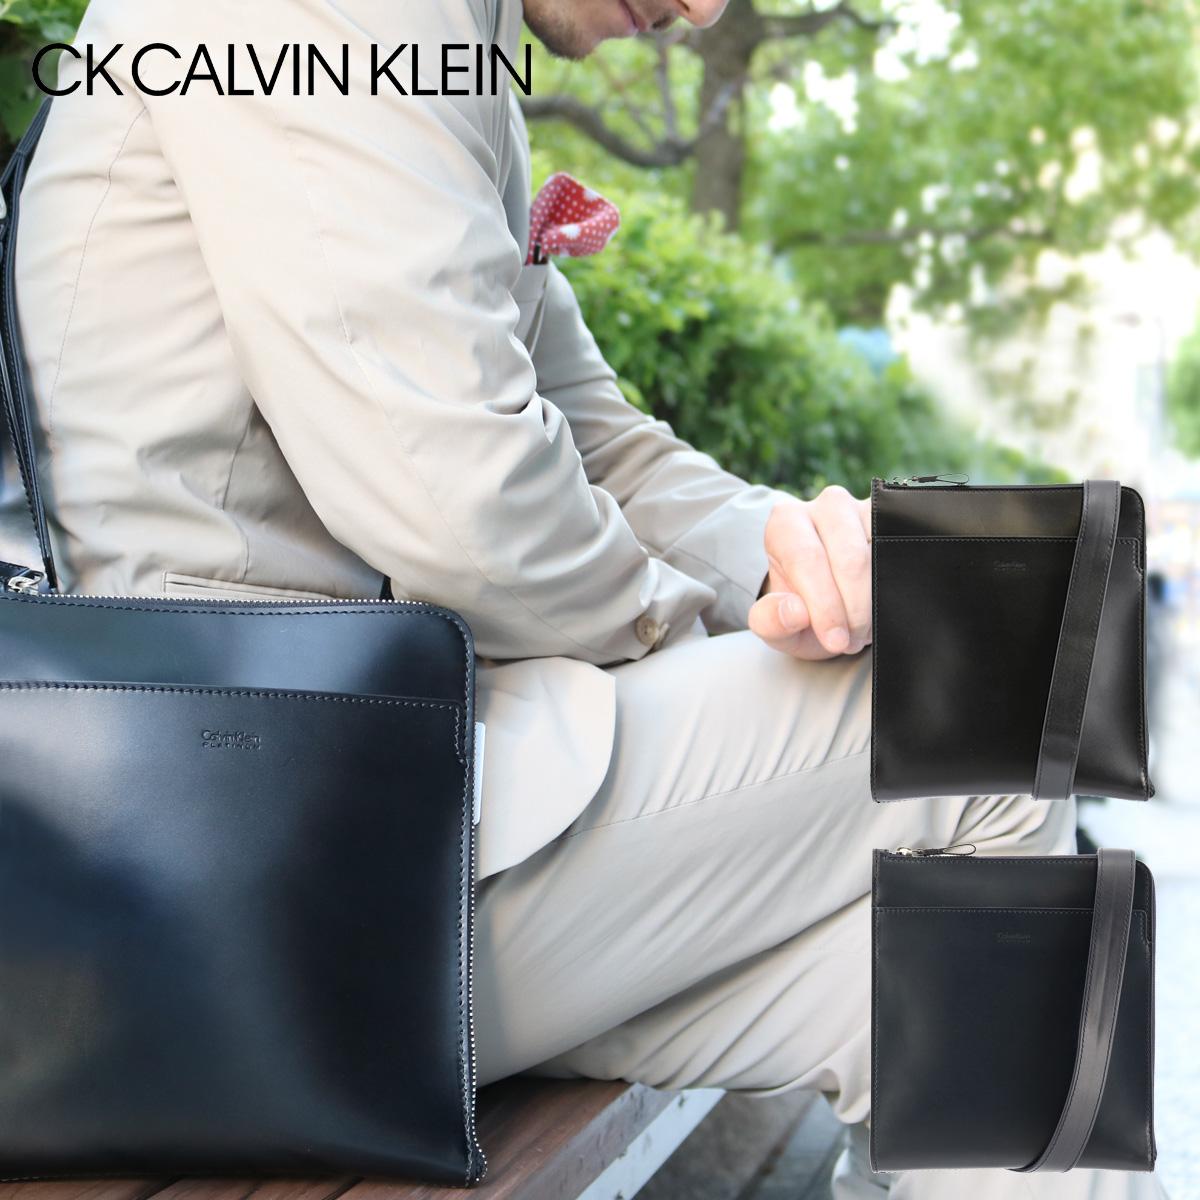 シーケーカルバンクライン ショルダーバッグ メンズ ダイス 807111 CK CALVIN KLEIN 本革 レザー [PO5][bef]